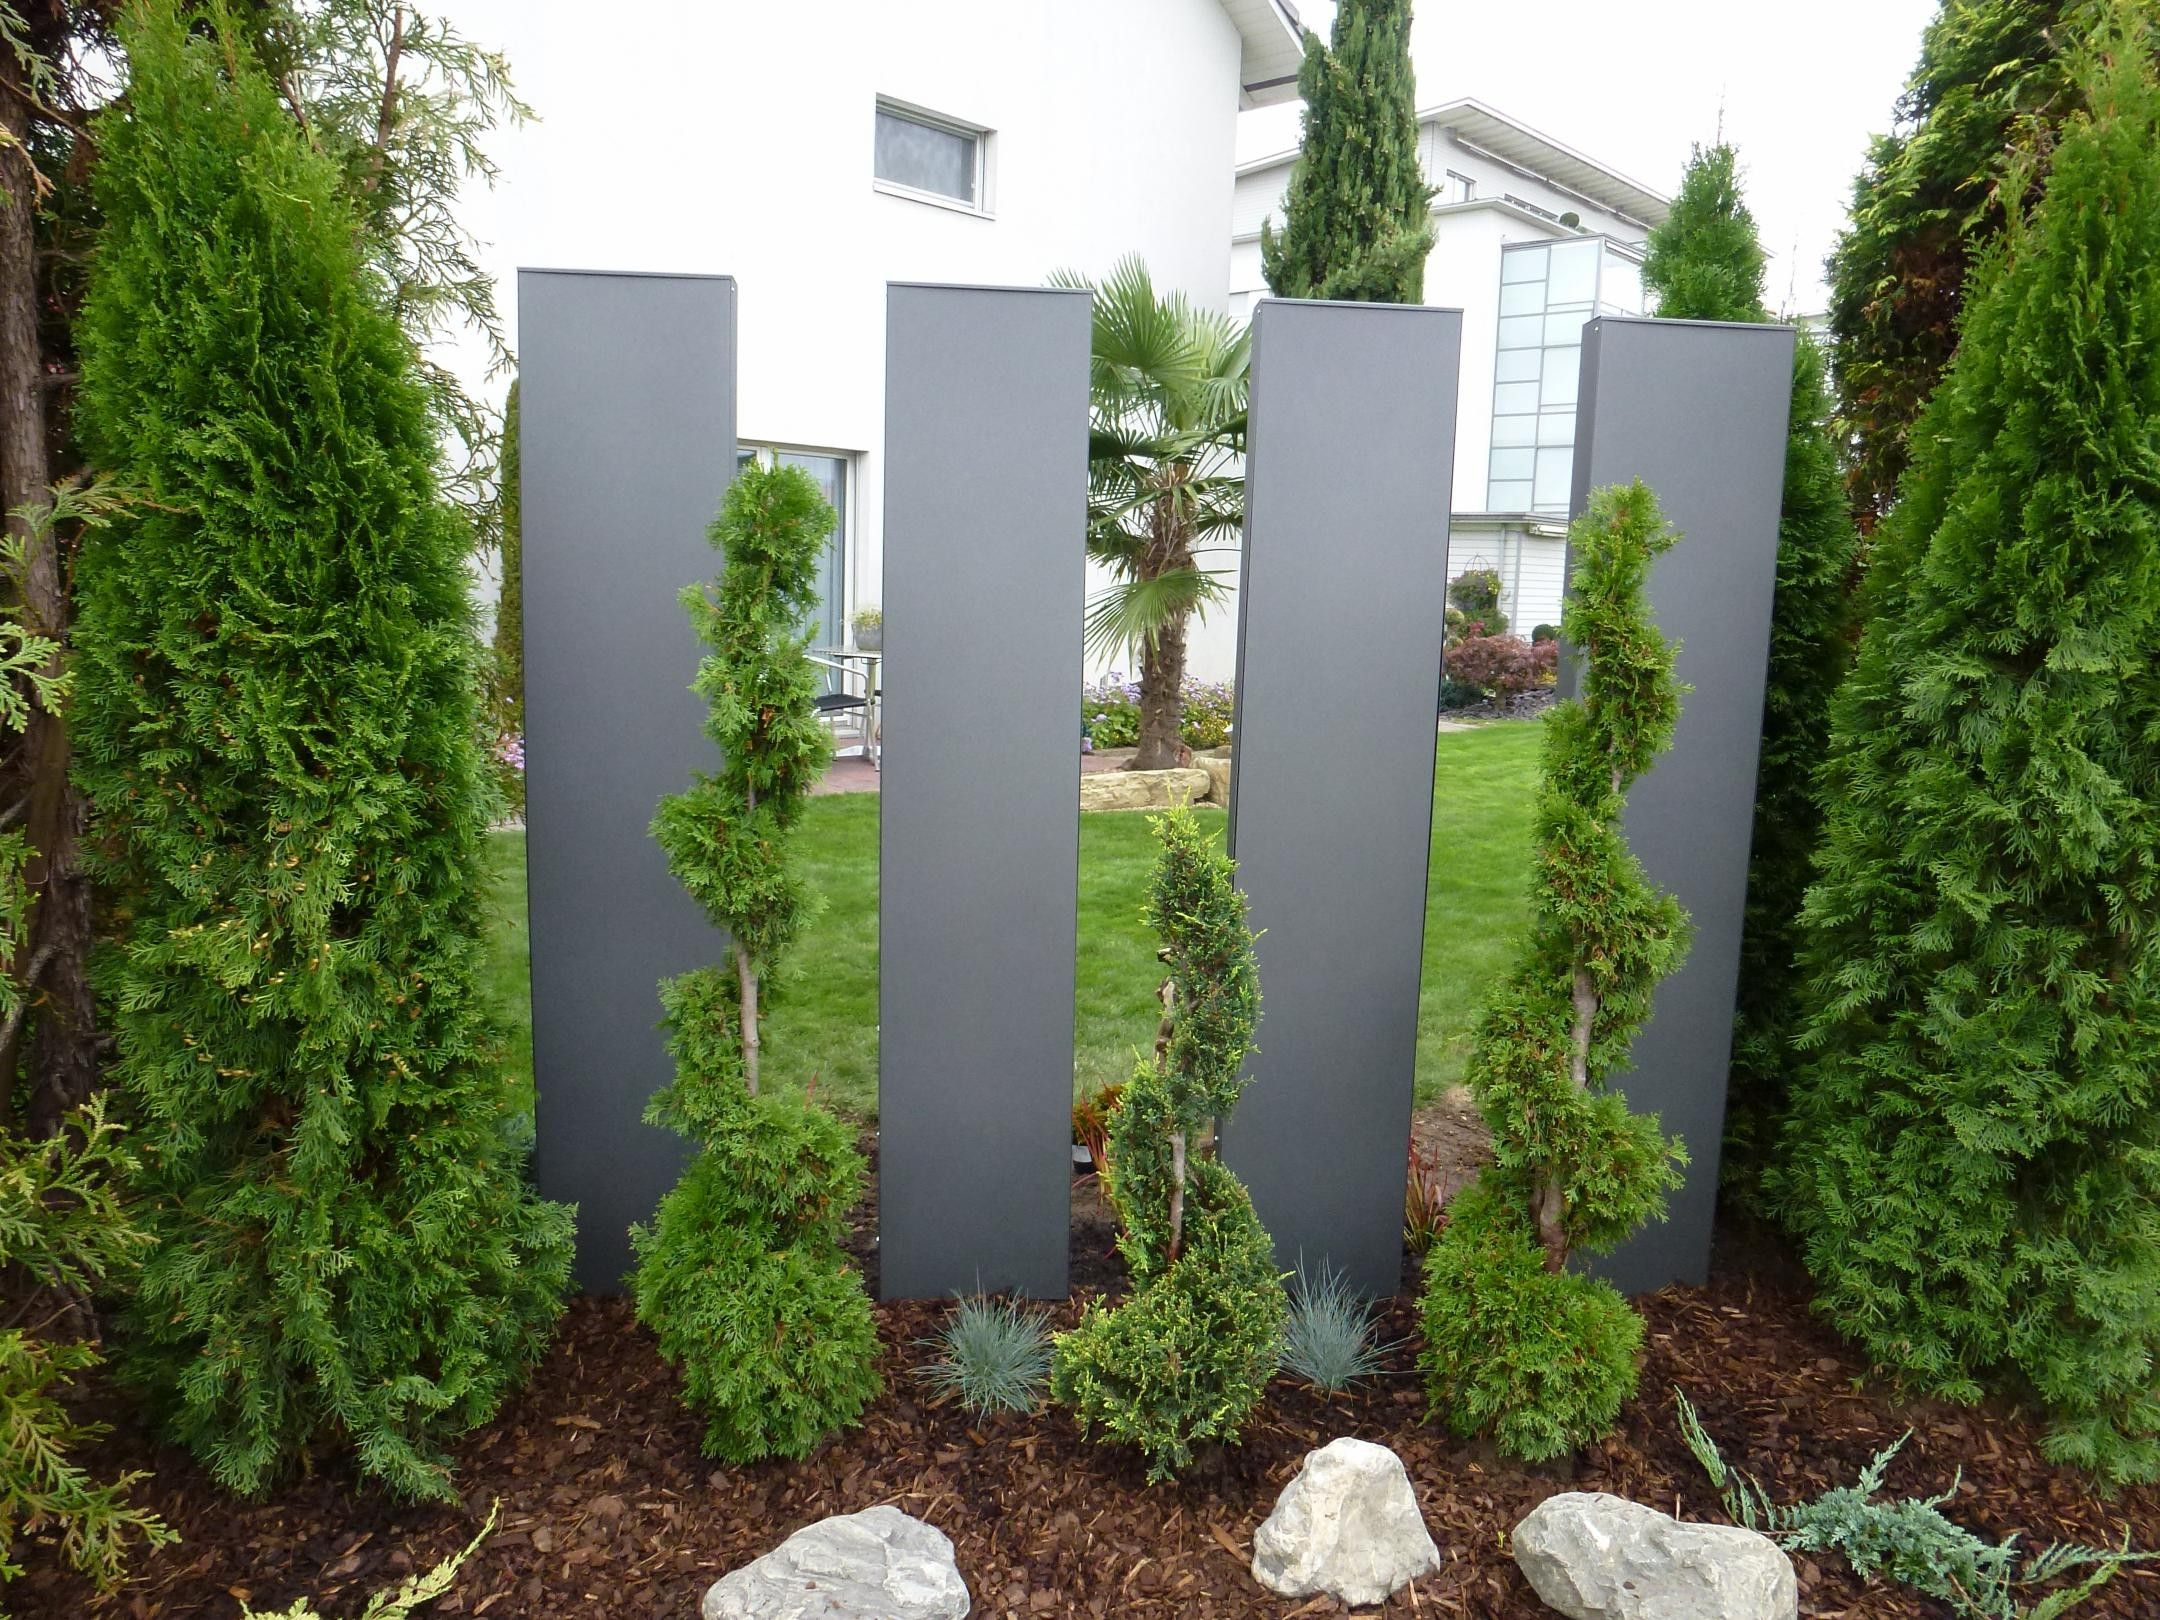 sichtschutz stelen garten qjpgzfng steing rten pinterest landscape designs garden ideas. Black Bedroom Furniture Sets. Home Design Ideas